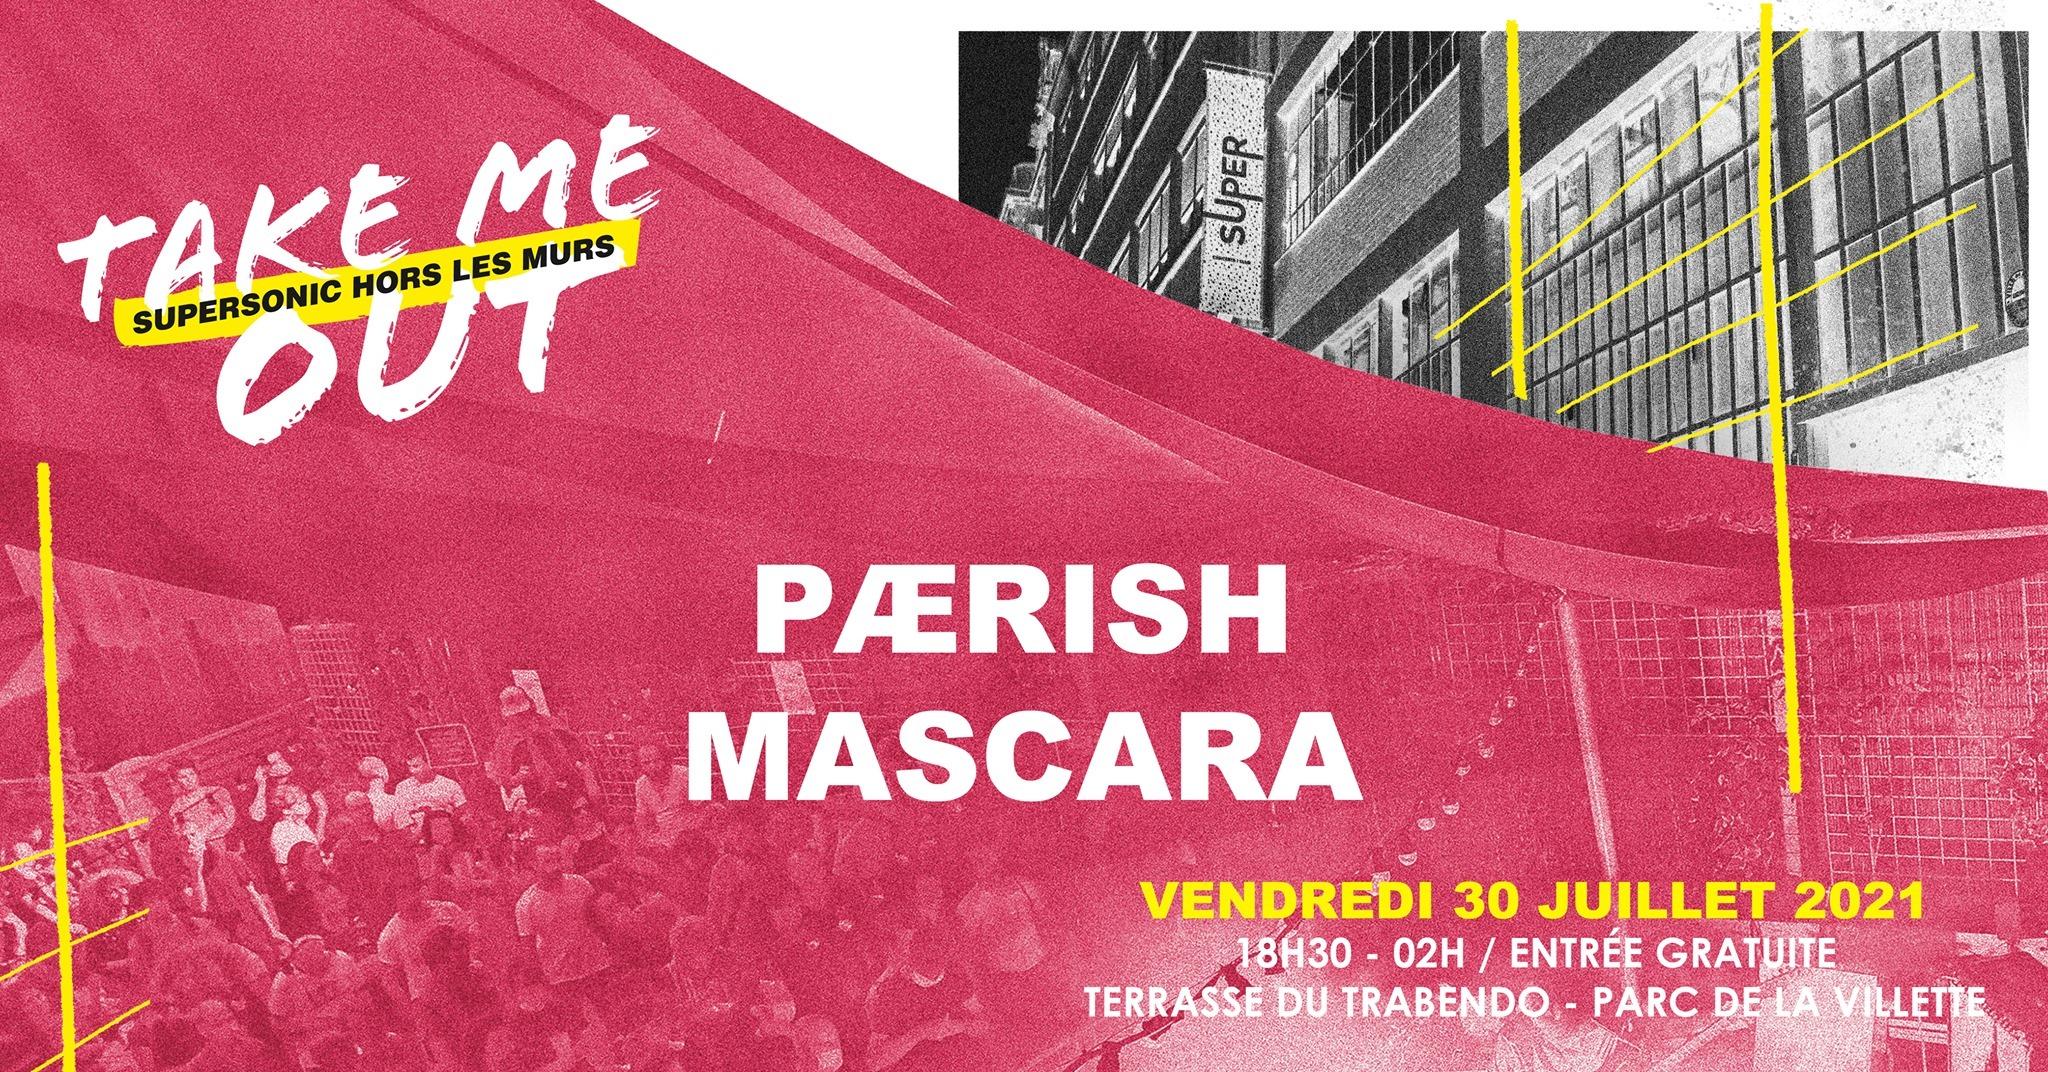 Paerish • Mascara en concert / Take Me Out Terrasse du Trabendo Paris